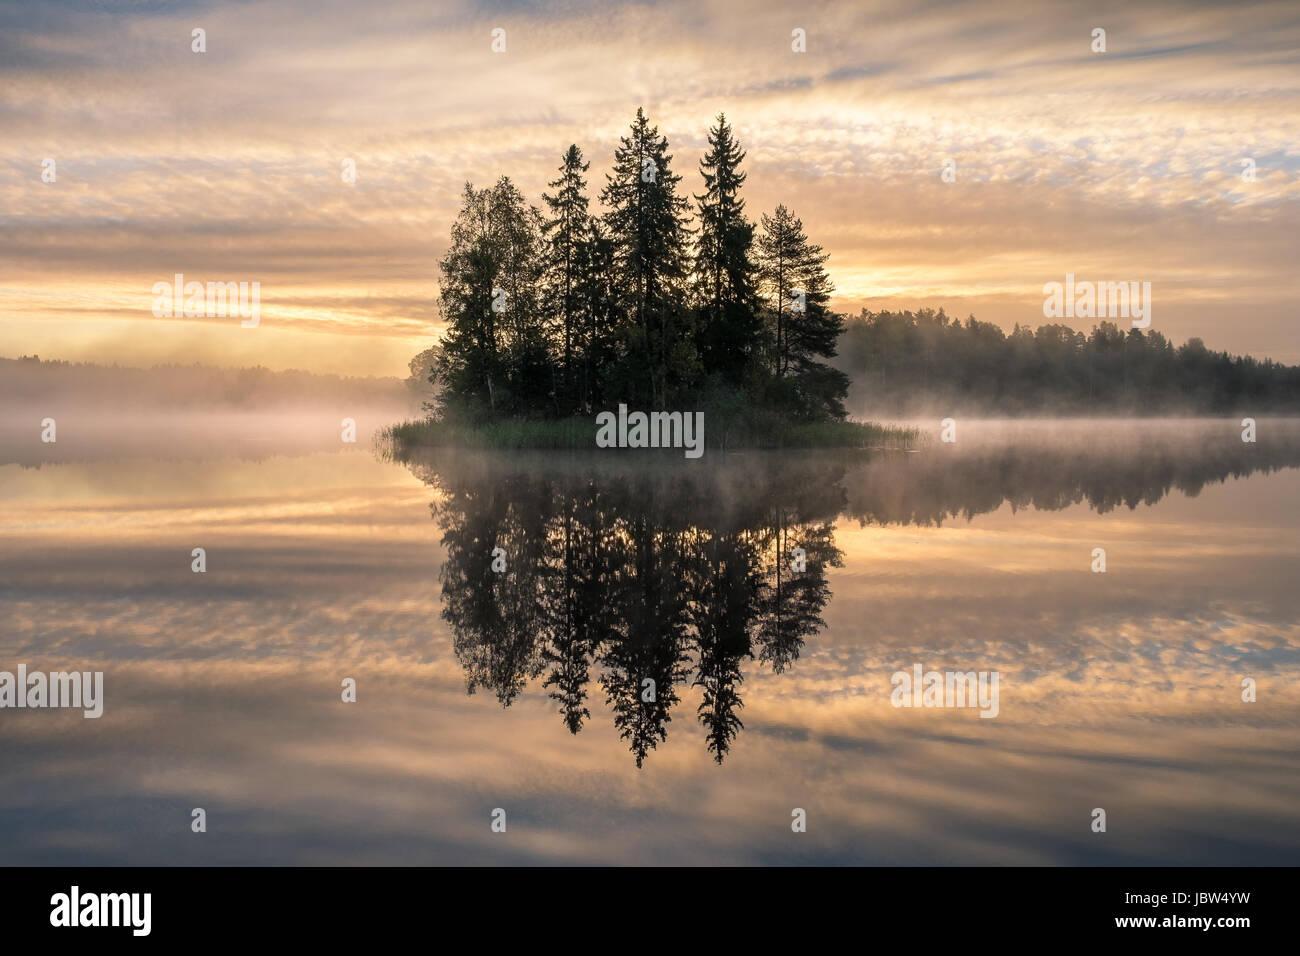 Paesaggio panoramico con sunrise e isola idilliaca alla mattina presto in Finlandia Immagini Stock